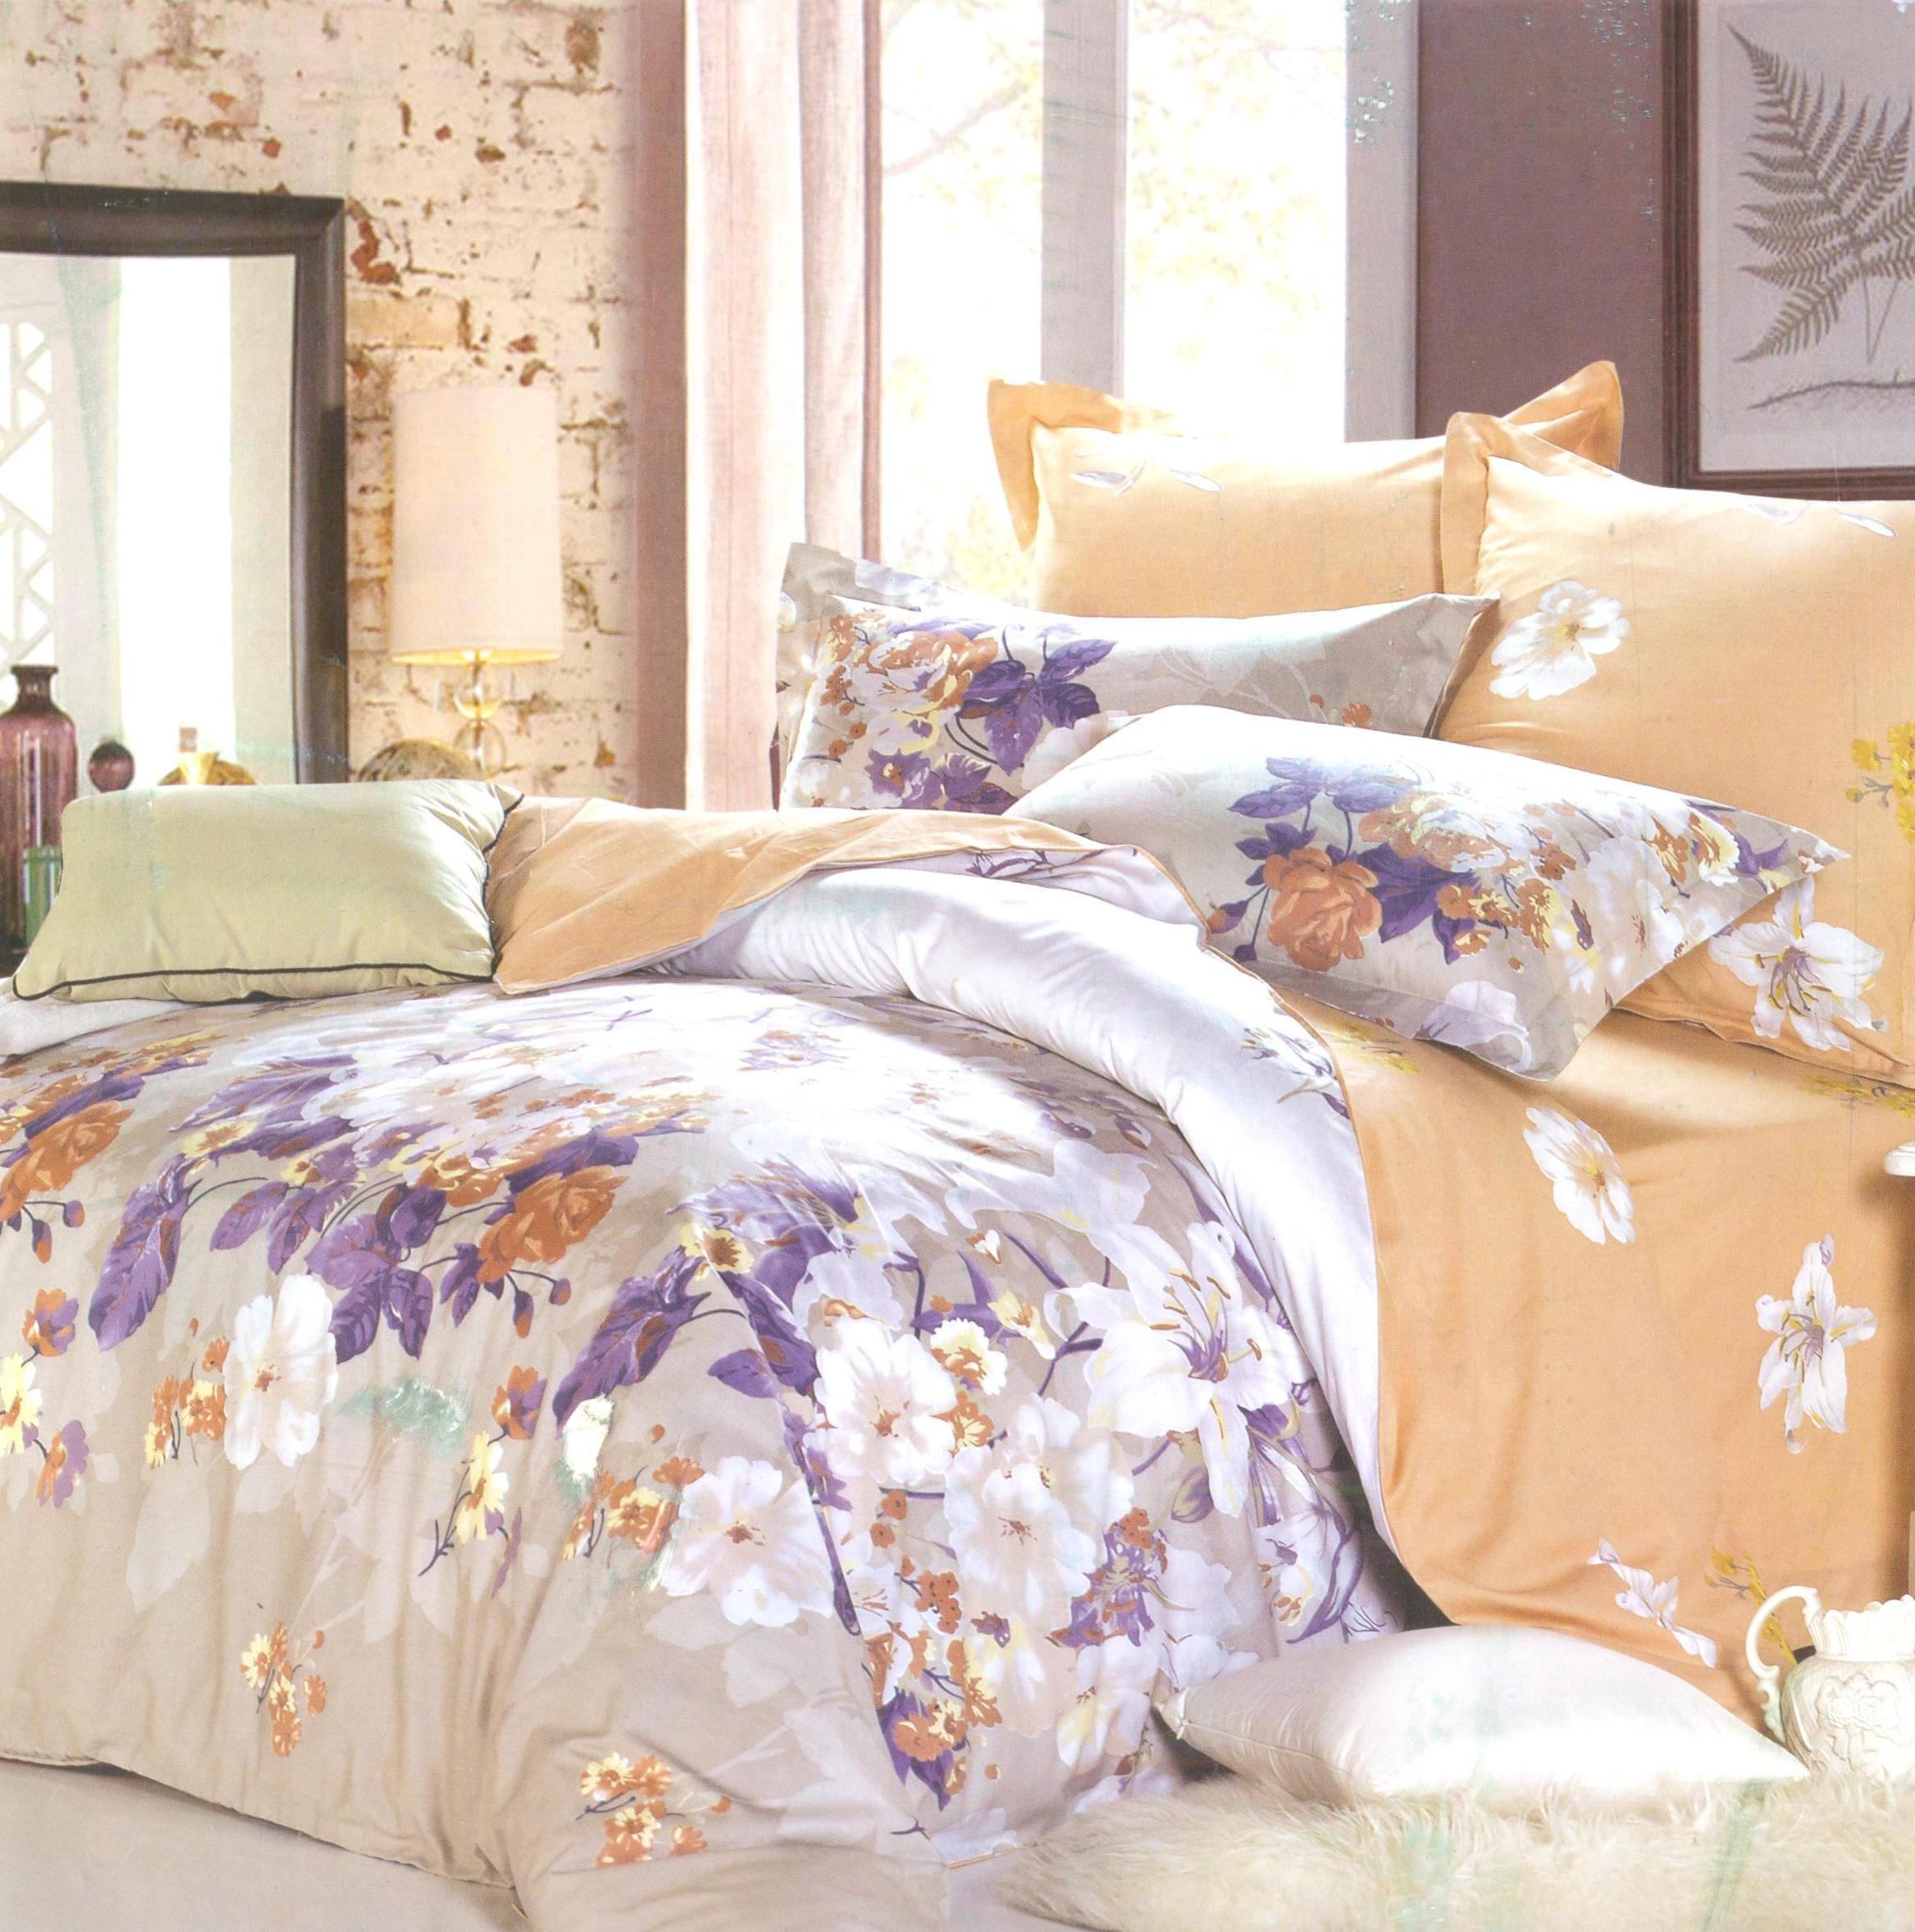 Купить Комплекты постельного белья СайлиД, Постельное белье Riko B-145 (семейное), Китай, Кремовый, Хлопковый сатин